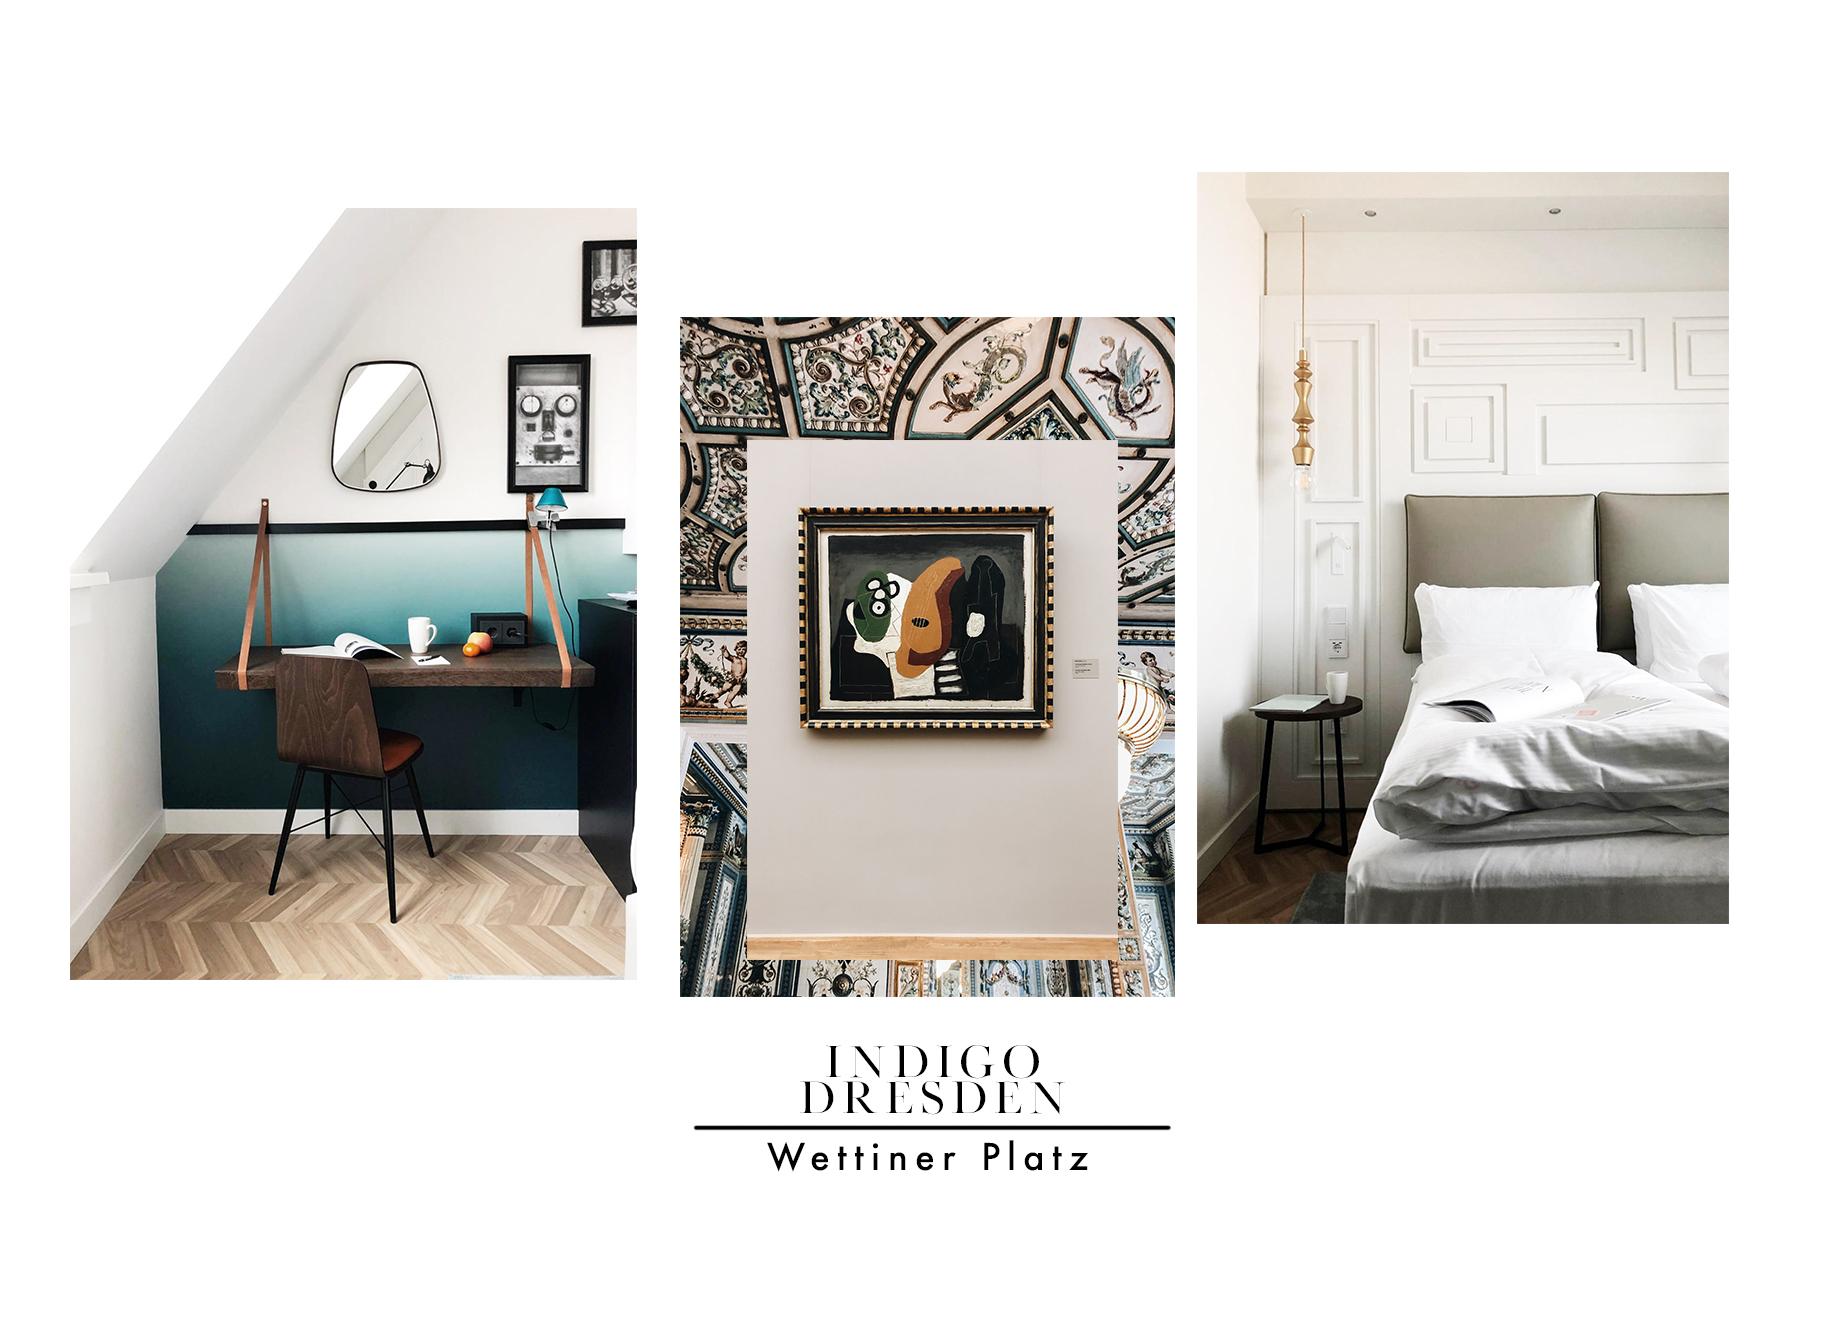 Zu Gast im Hotel Indigo Dresden – Wettiner Platz